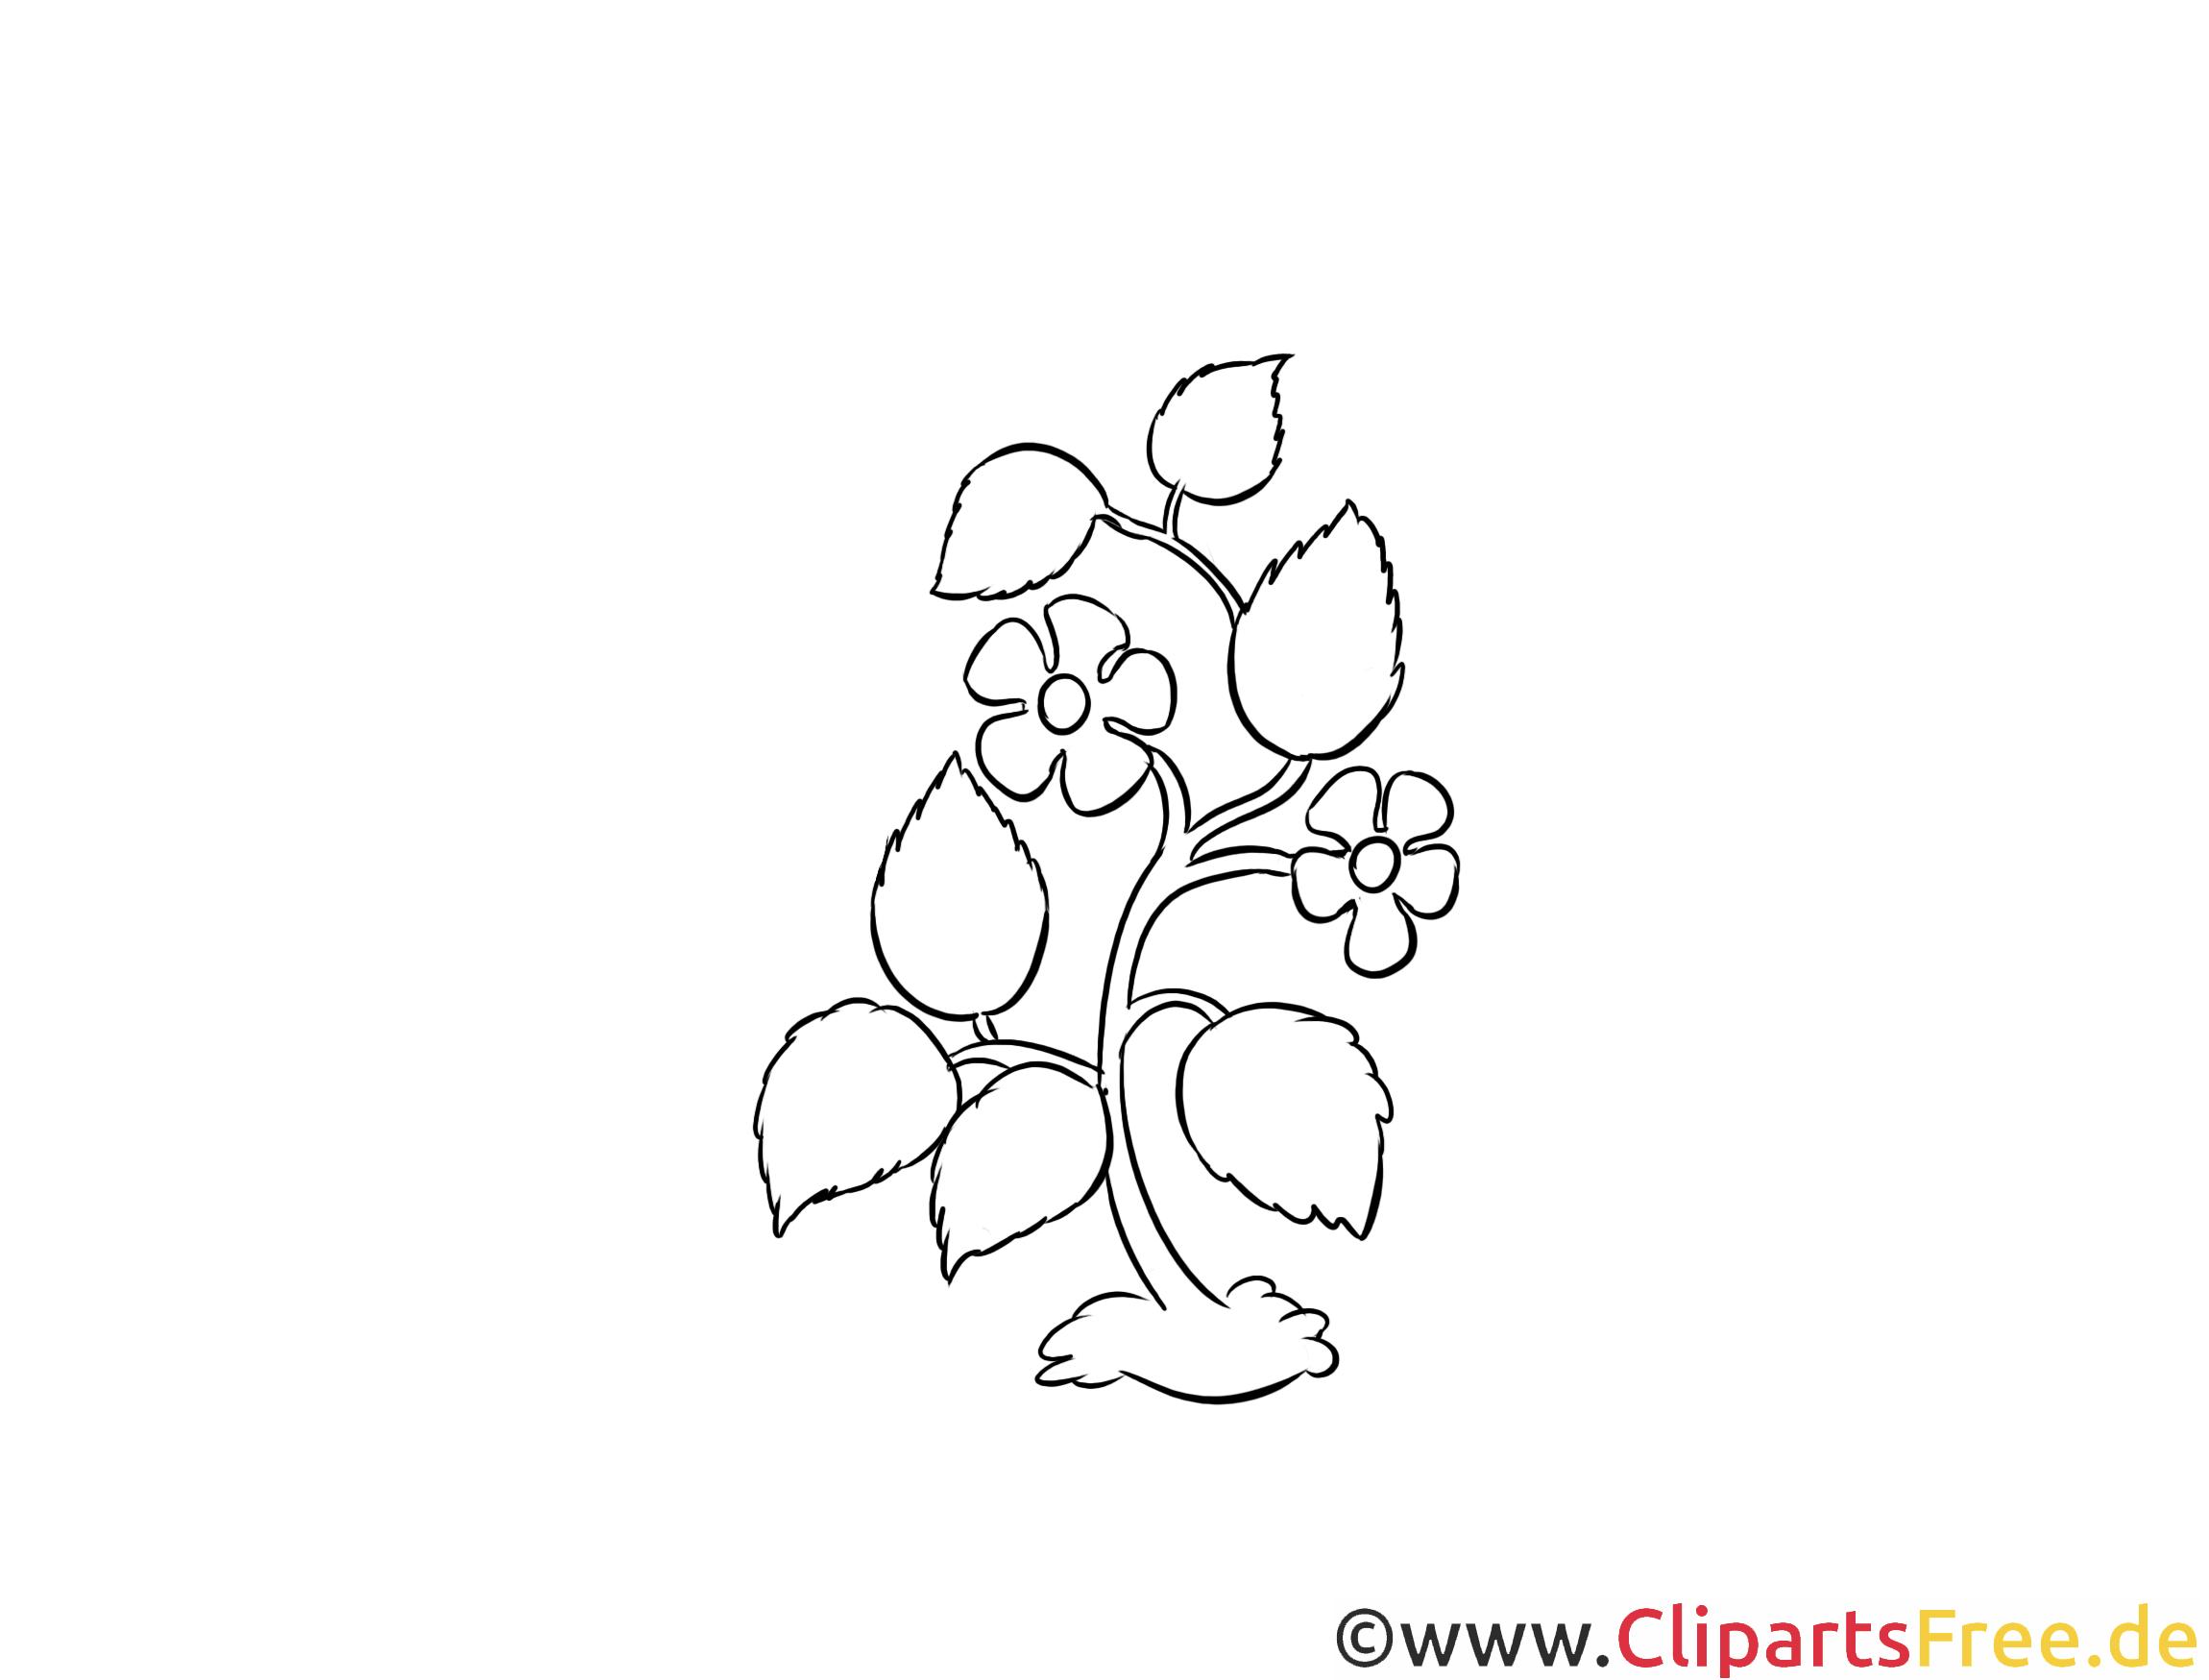 Pflanze, Blume Holz Vorlage zum Aussägen